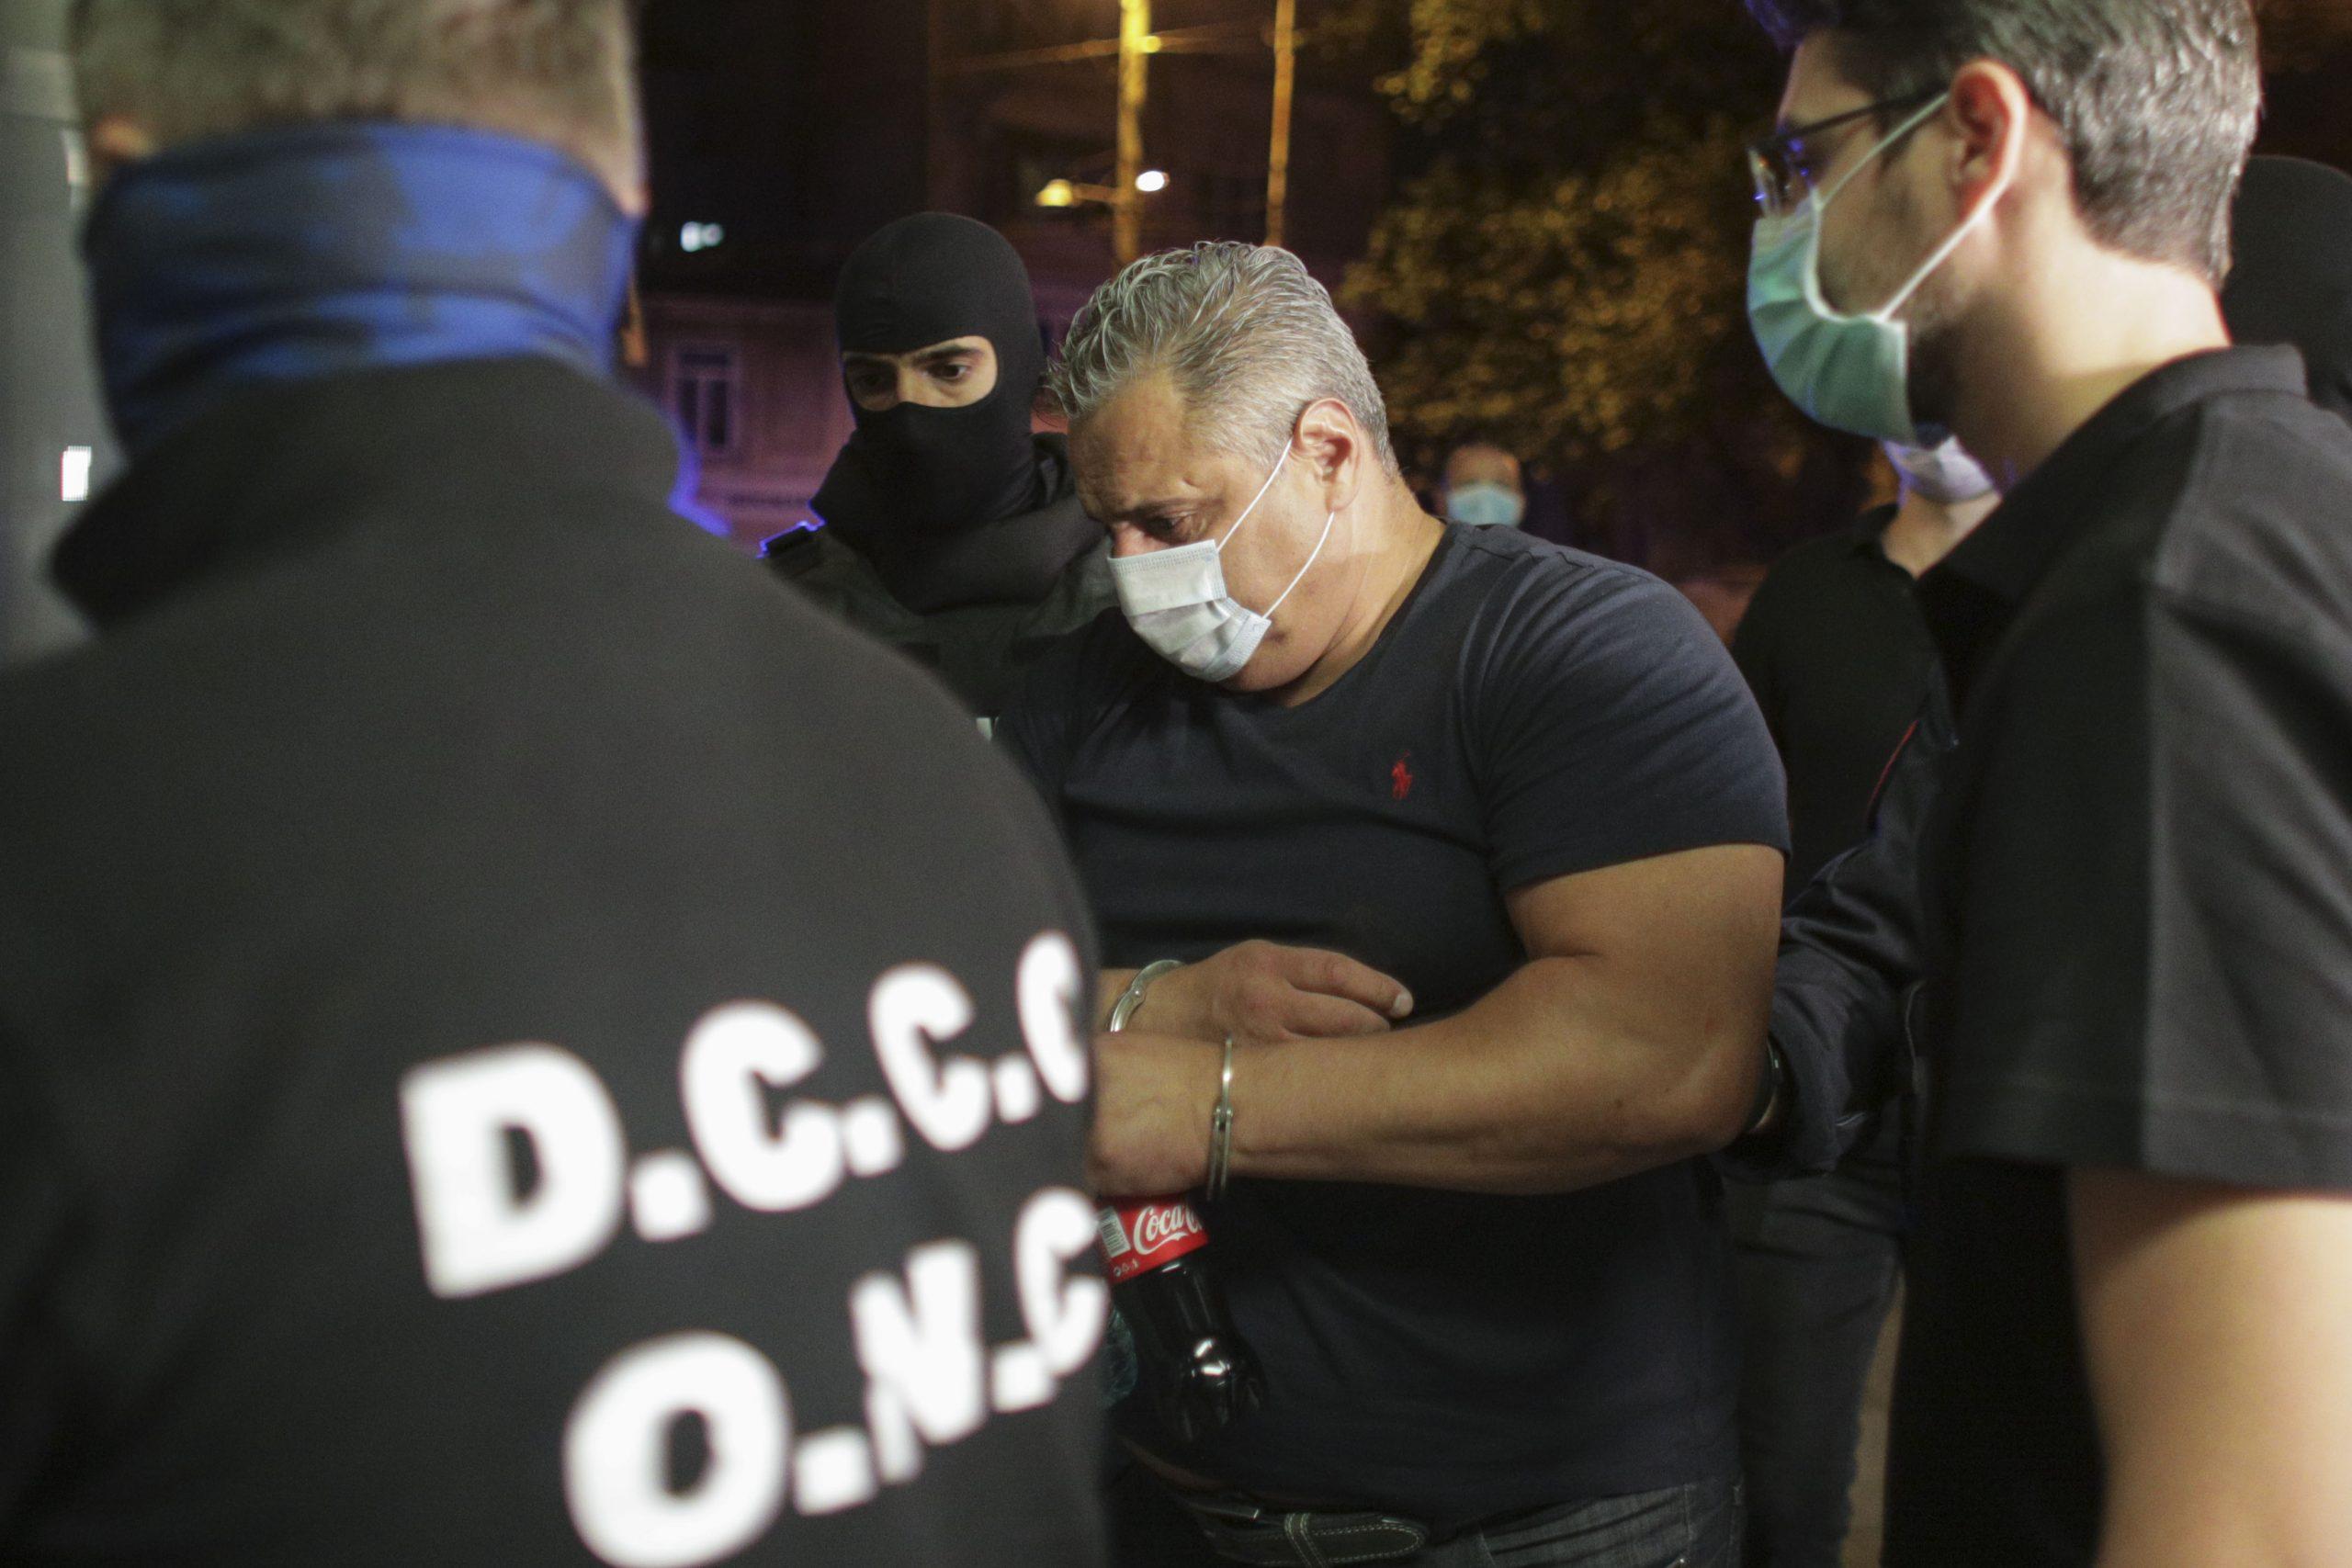 Principalul suspect, încadrat de polițiști (Foto: INQUAM PHOTOS/Octav Ganea)